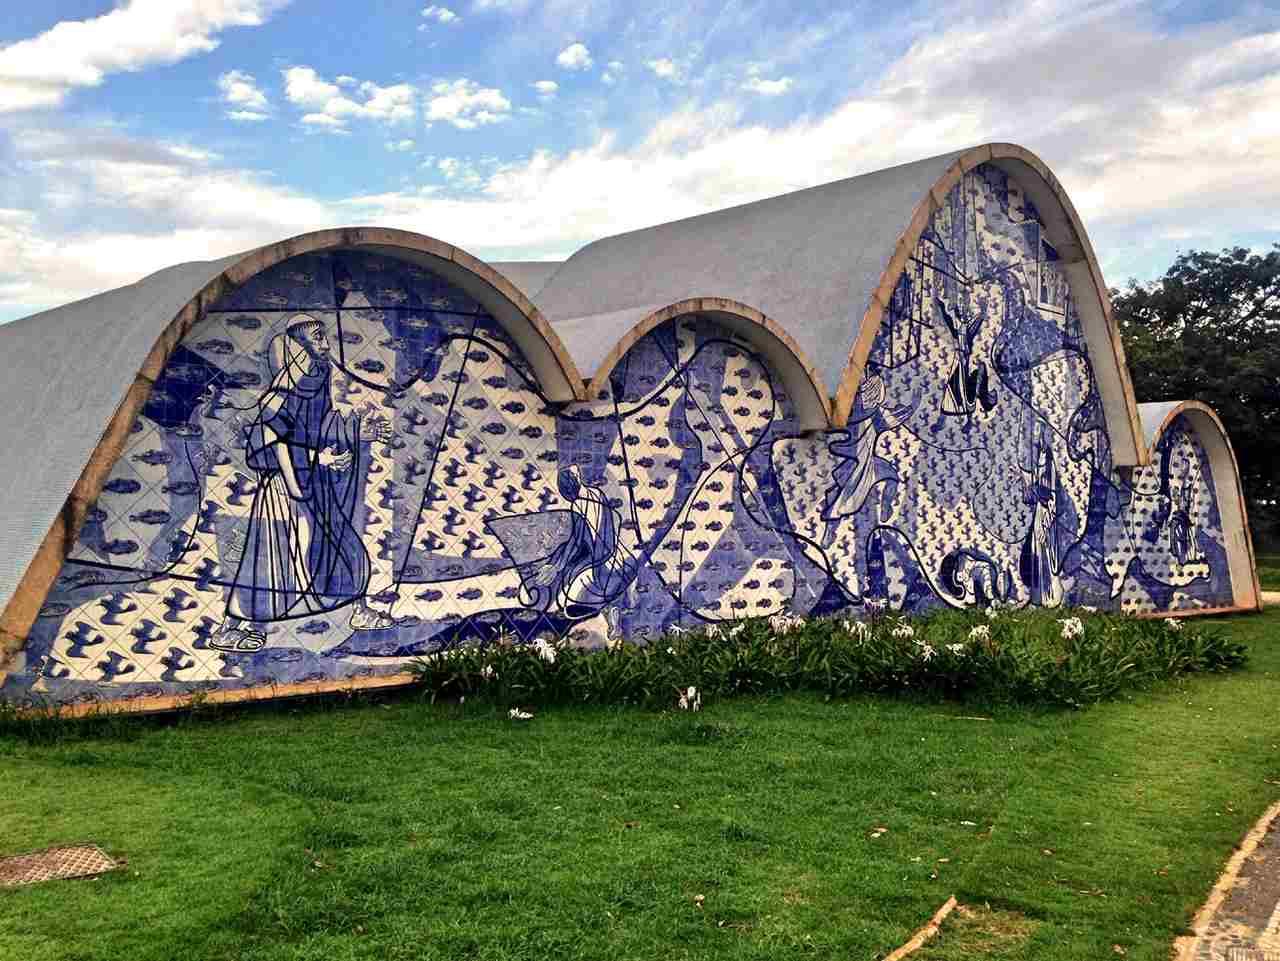 mural capela azulejos azuis lagoa da pampulha em belo horizonte